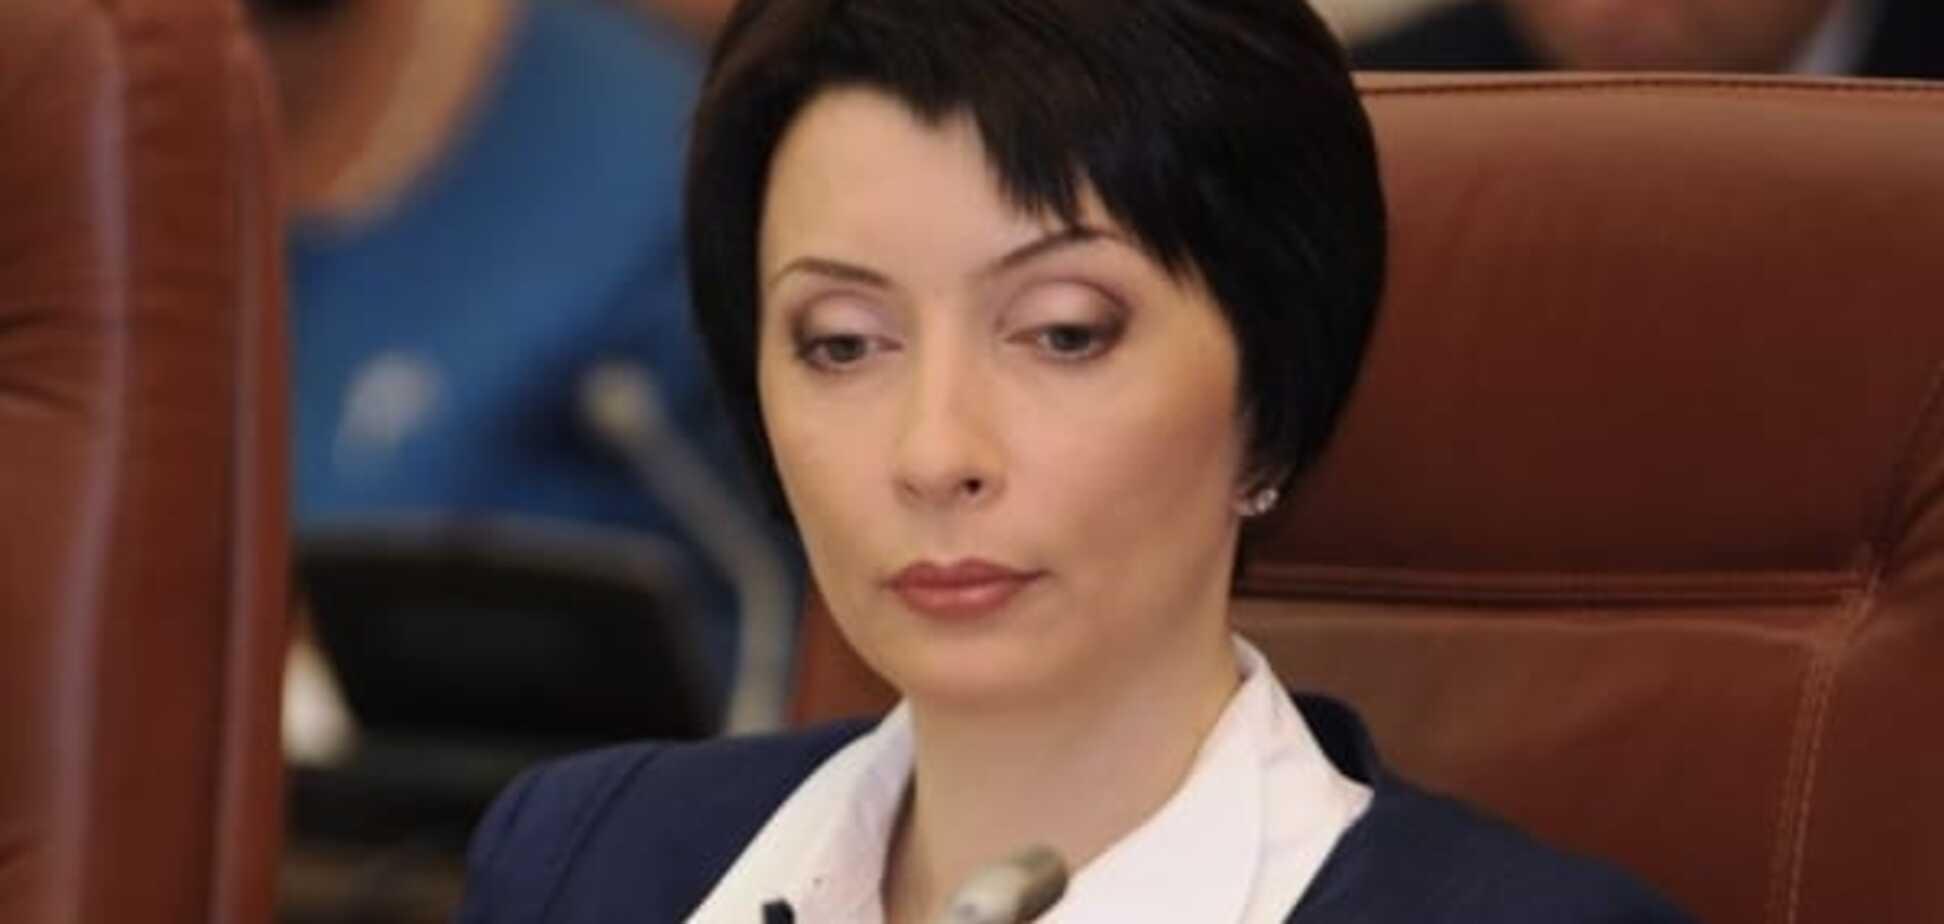 Лукаш заявила об угрозах в свой адрес и причастности к этому правоохранителей